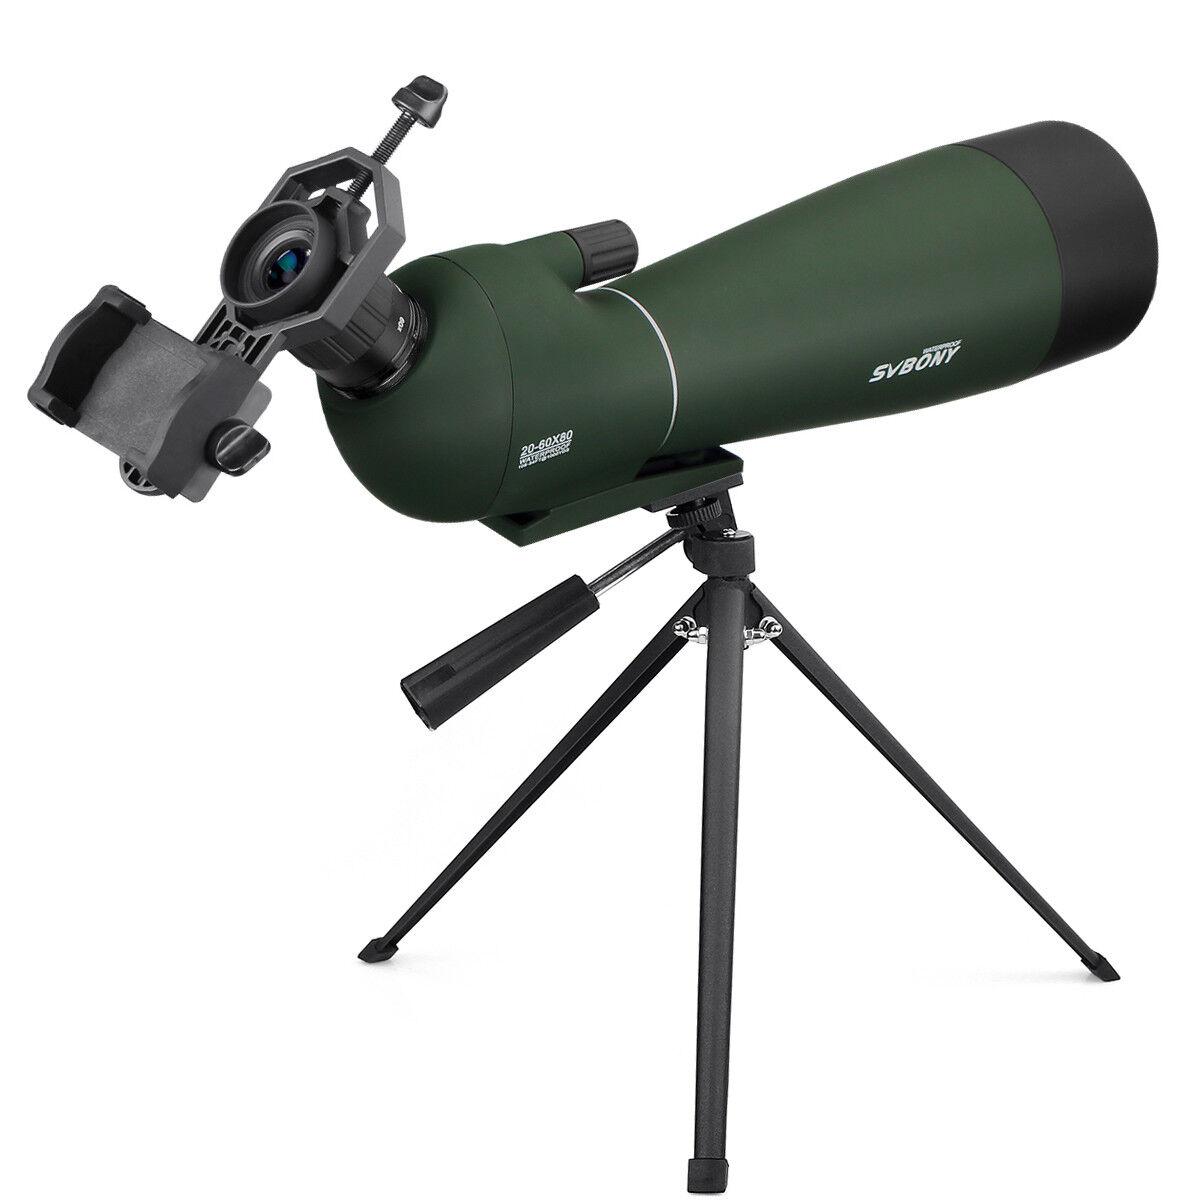 SV28 20-60x80mm BAK4 Prism 45 ° ángulo Telescopio Terrestre Zoom Refractor observación de aves